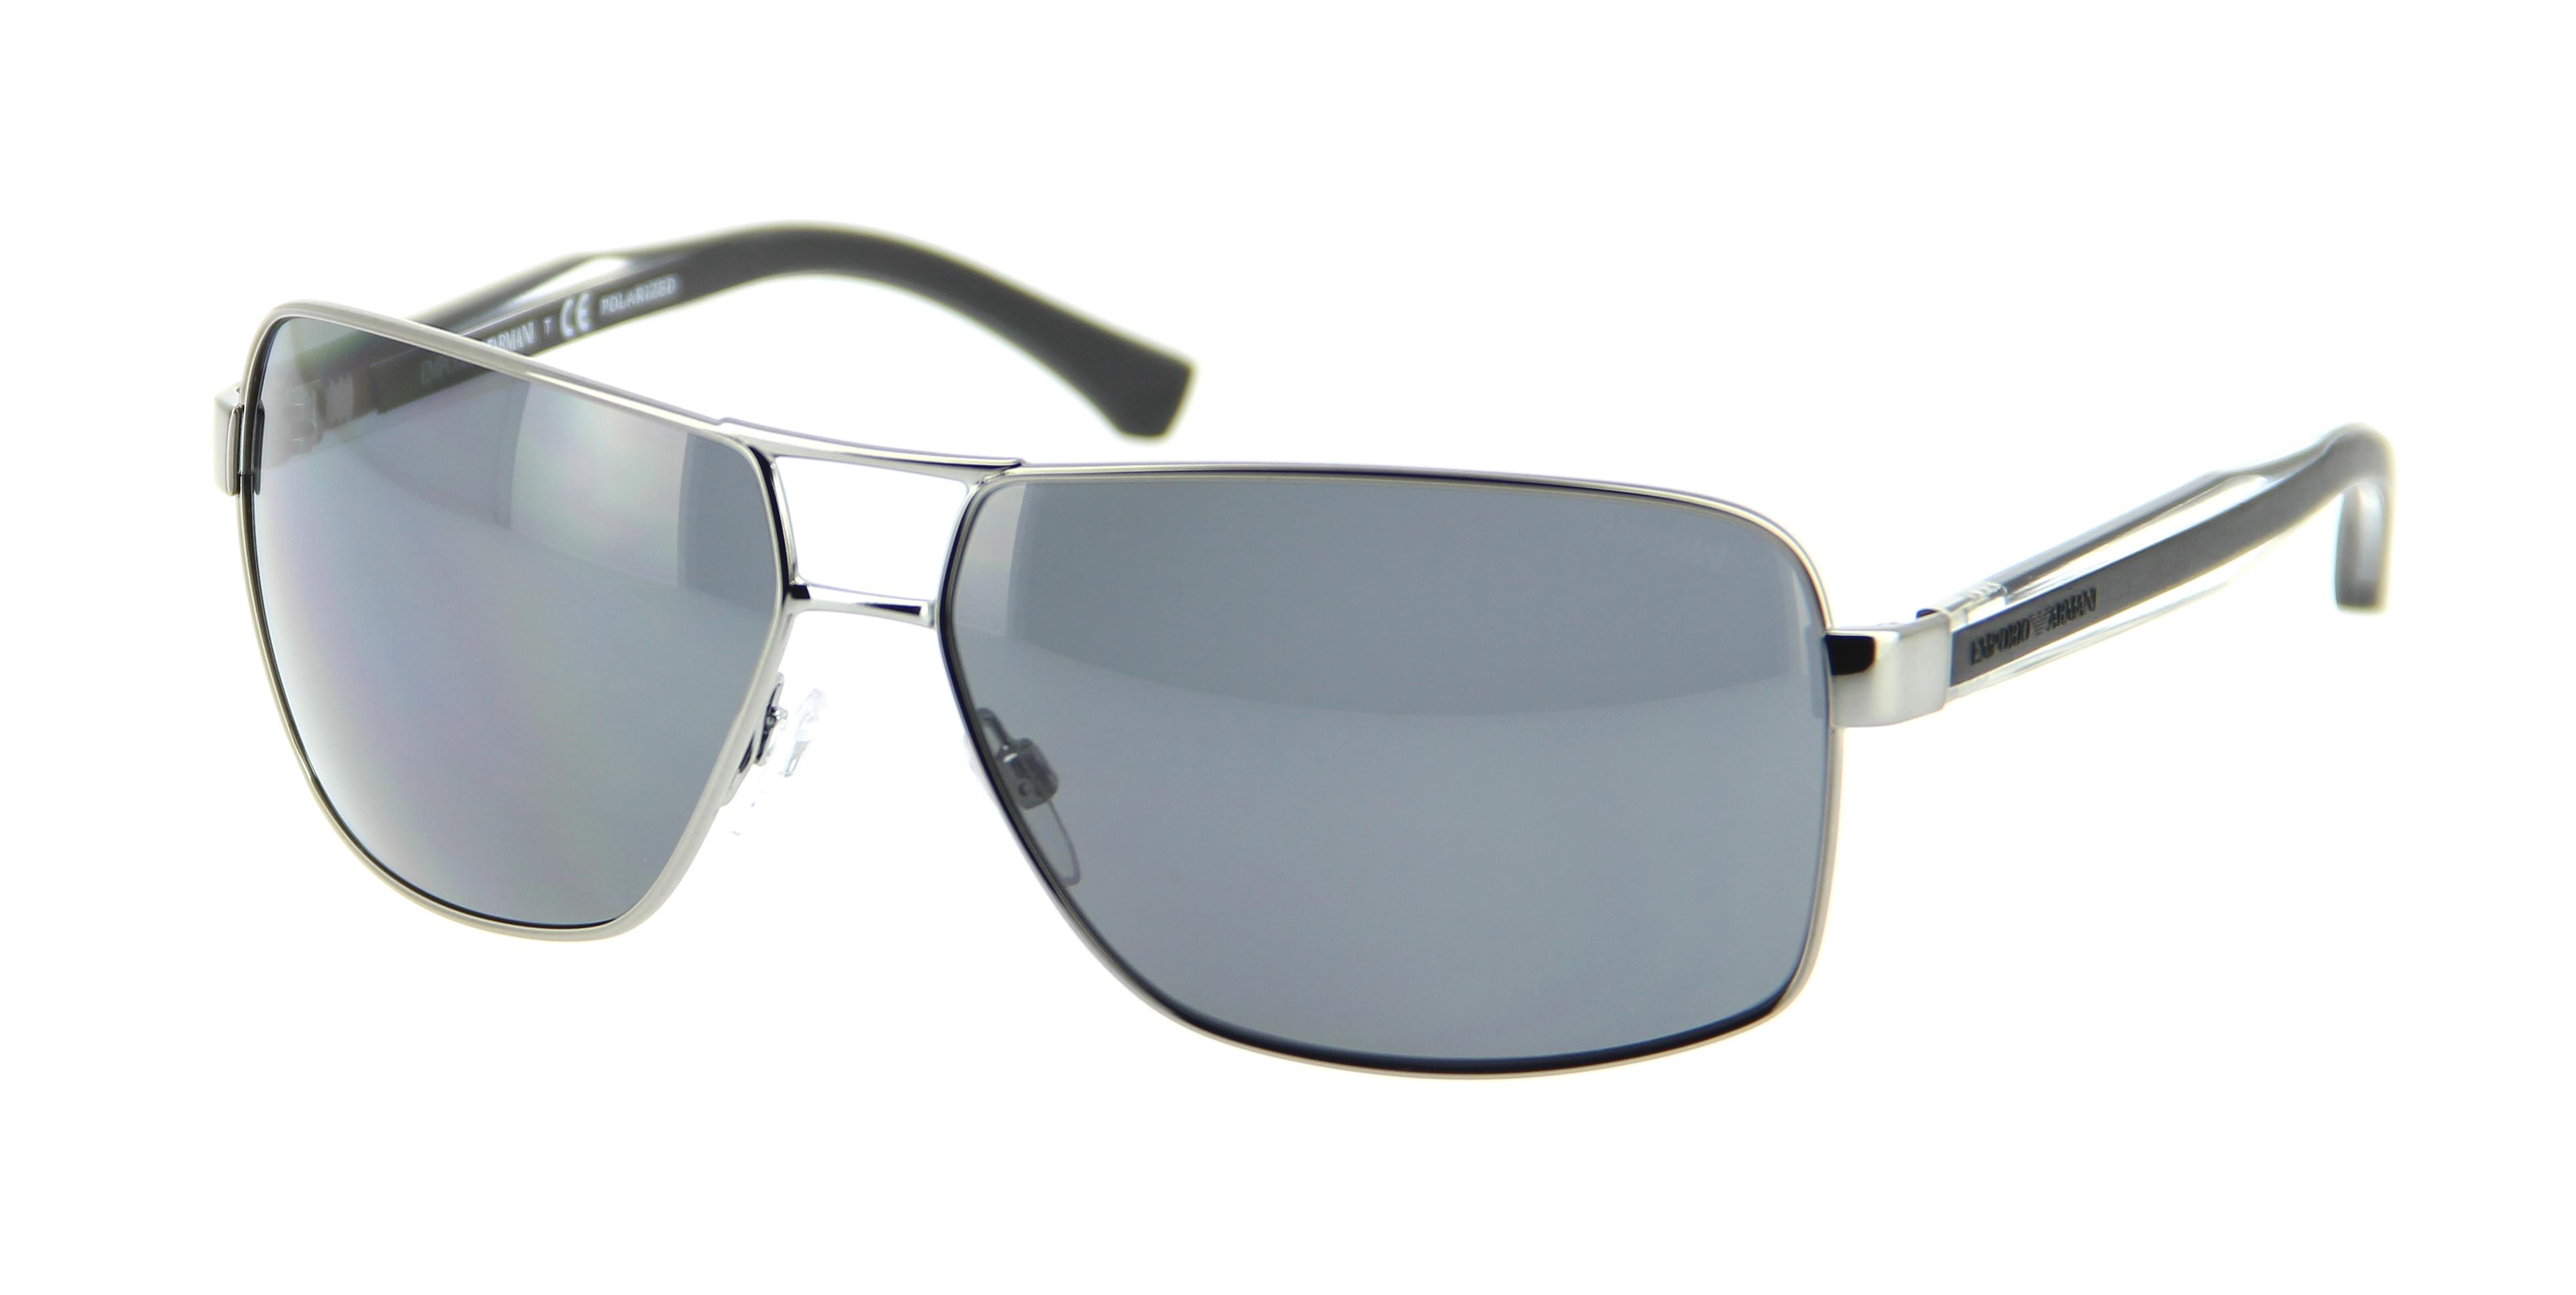 lunettes de soleil emporio armani ea 2001 301081 64 13 homme gun rectangle cercl e tendance. Black Bedroom Furniture Sets. Home Design Ideas